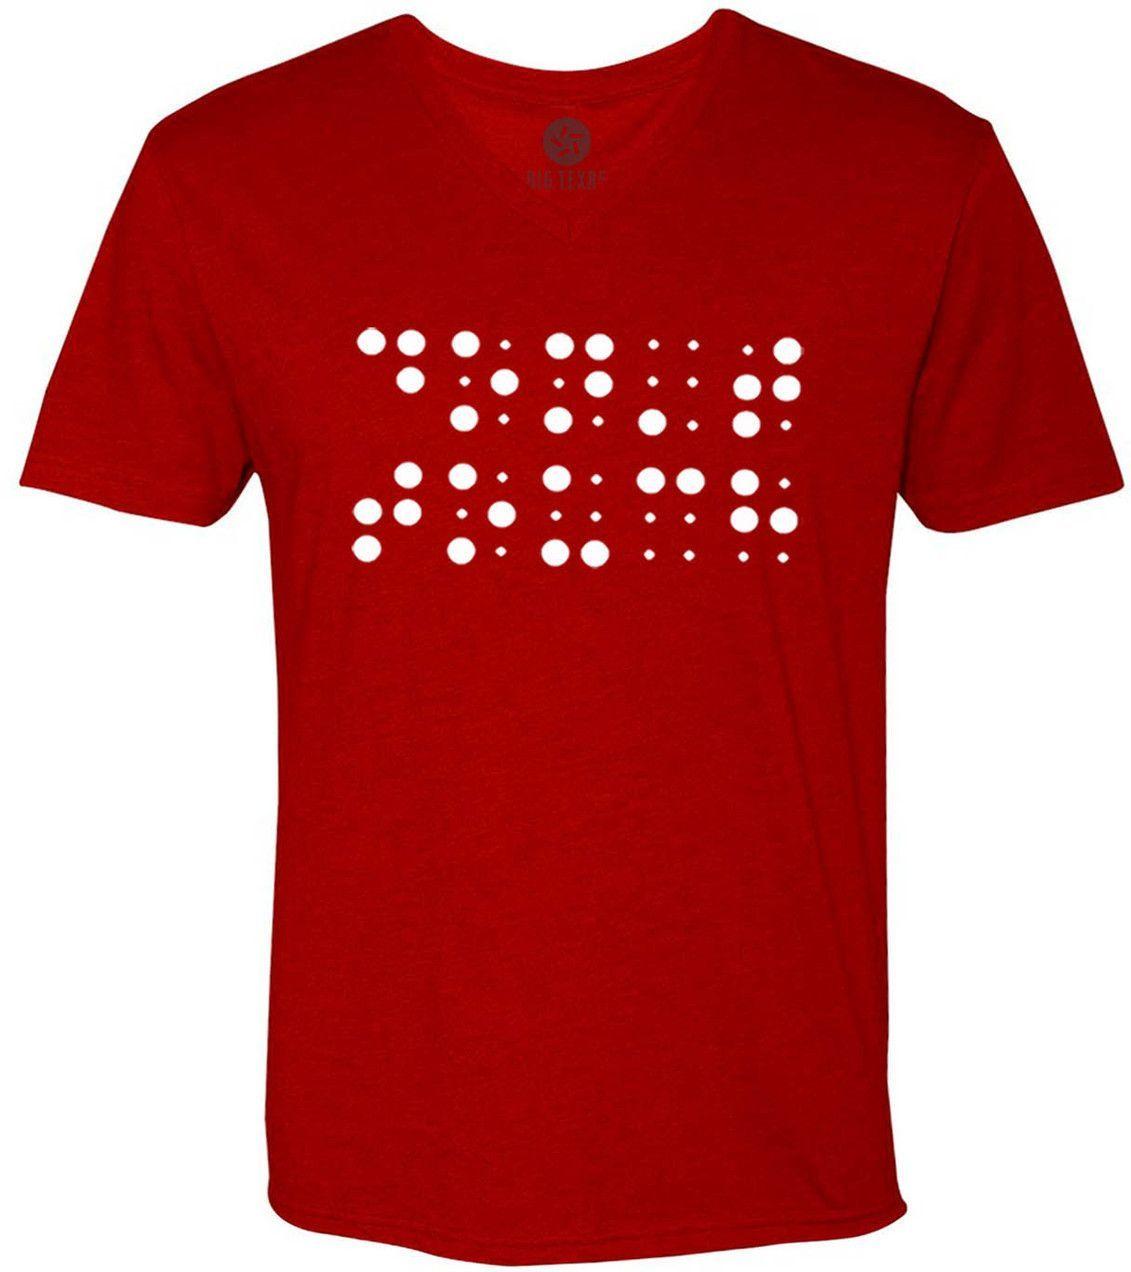 Dont Touch Braille (White) Short-Sleeve V-Neck T-Shirt